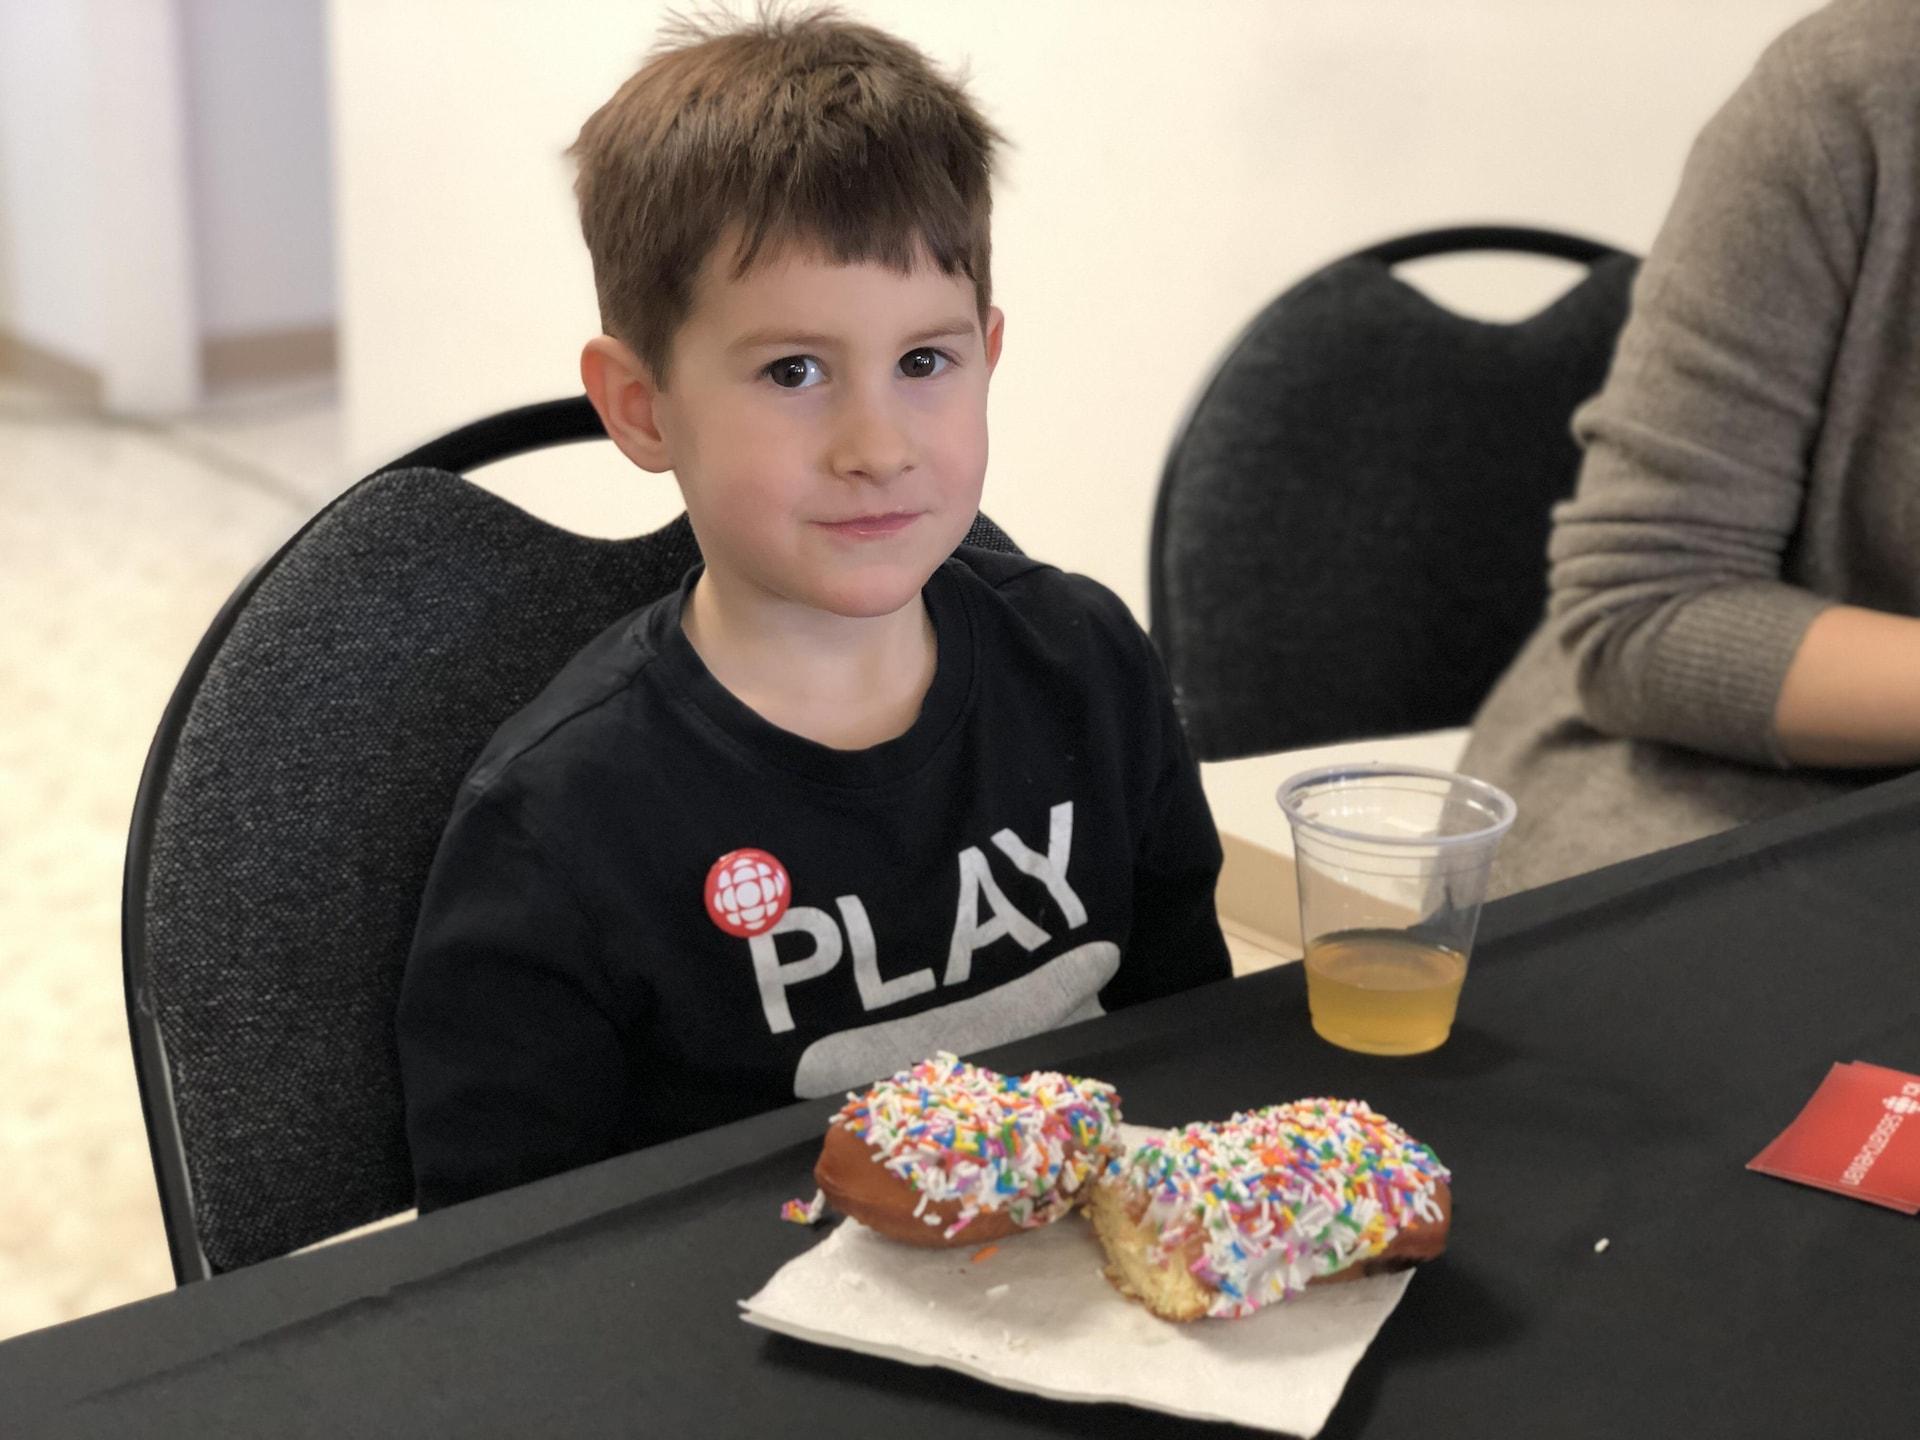 Un jeune homme assis sur une chaise devant des beignets et un verre de jus. Il sourit à la caméra.